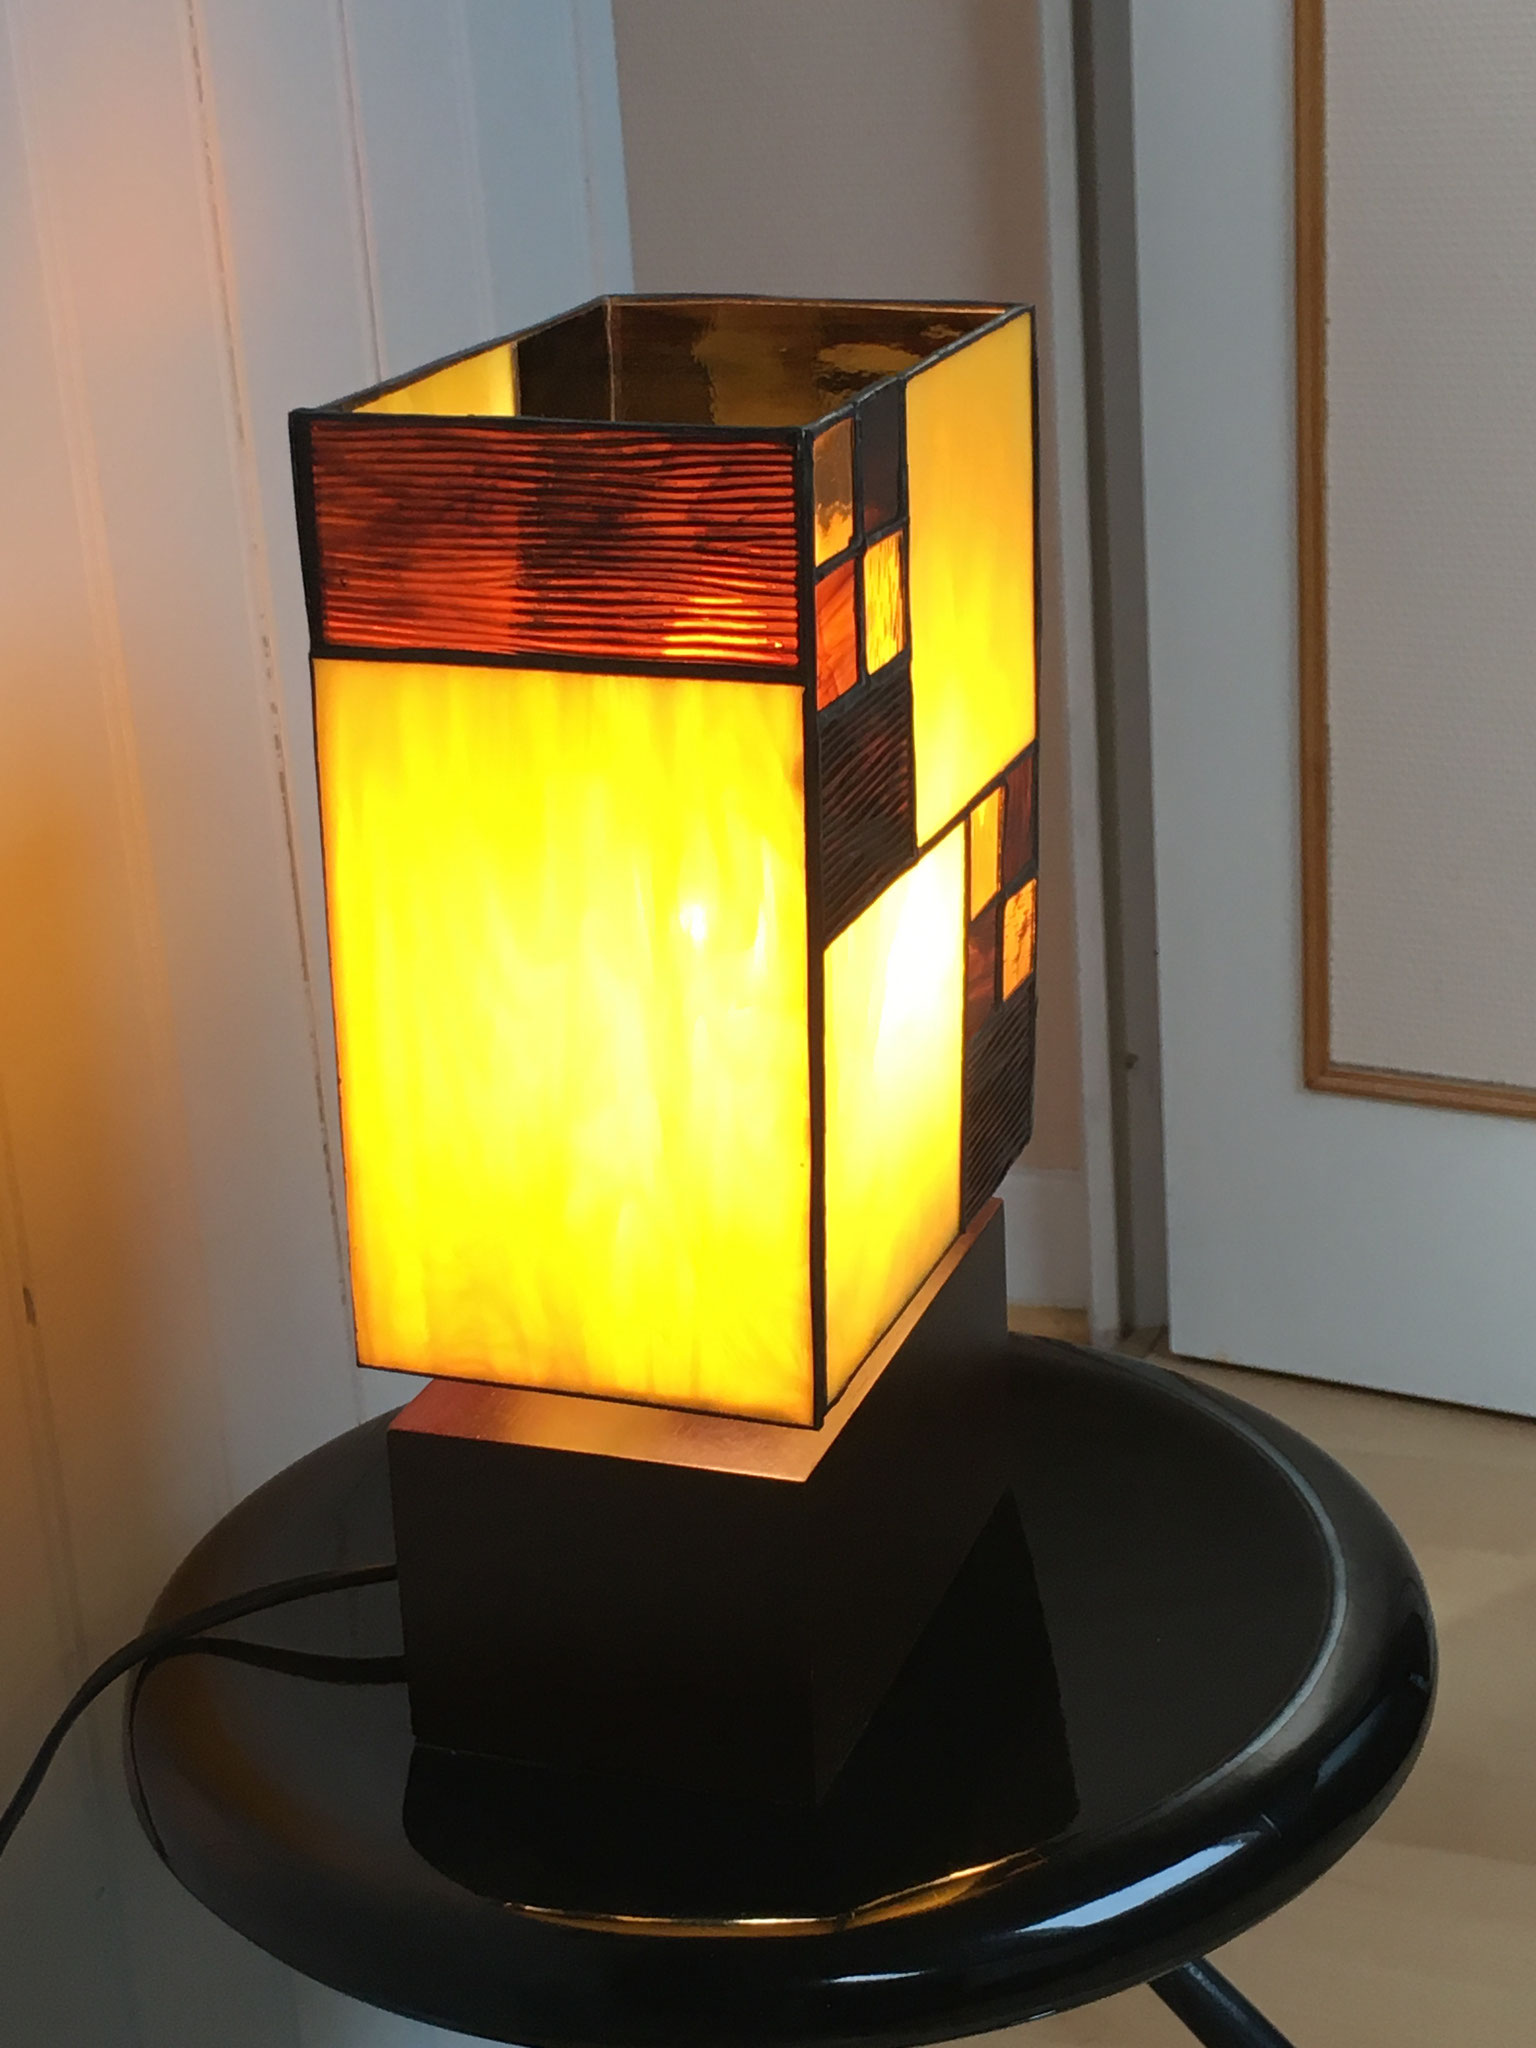 Lampe réalisée en Tiffany sur socle en bois Vue de côté allumée